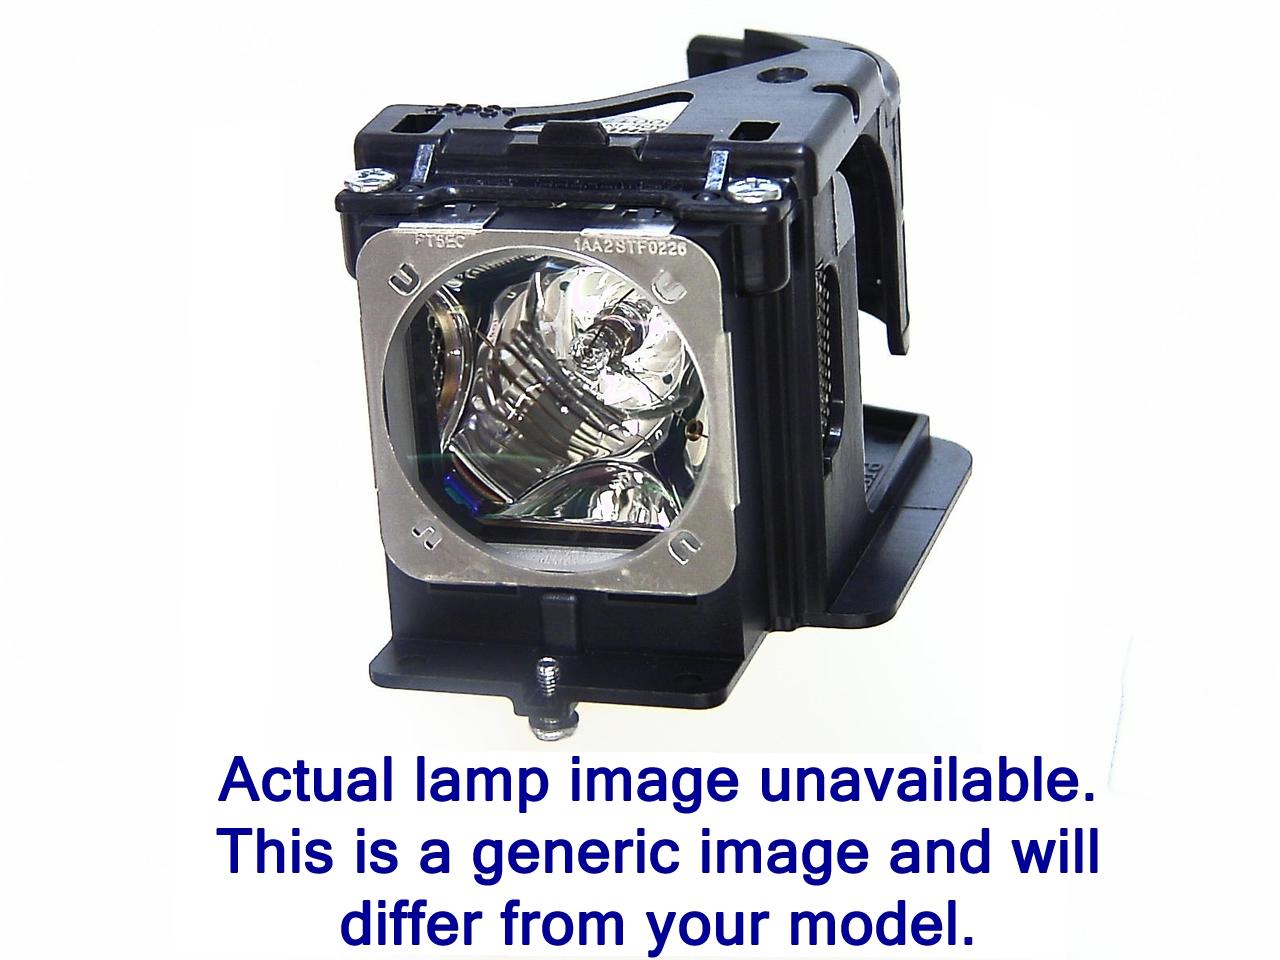 <b>Genuine CANON Brand</b> LX-MU700 replacement lamp